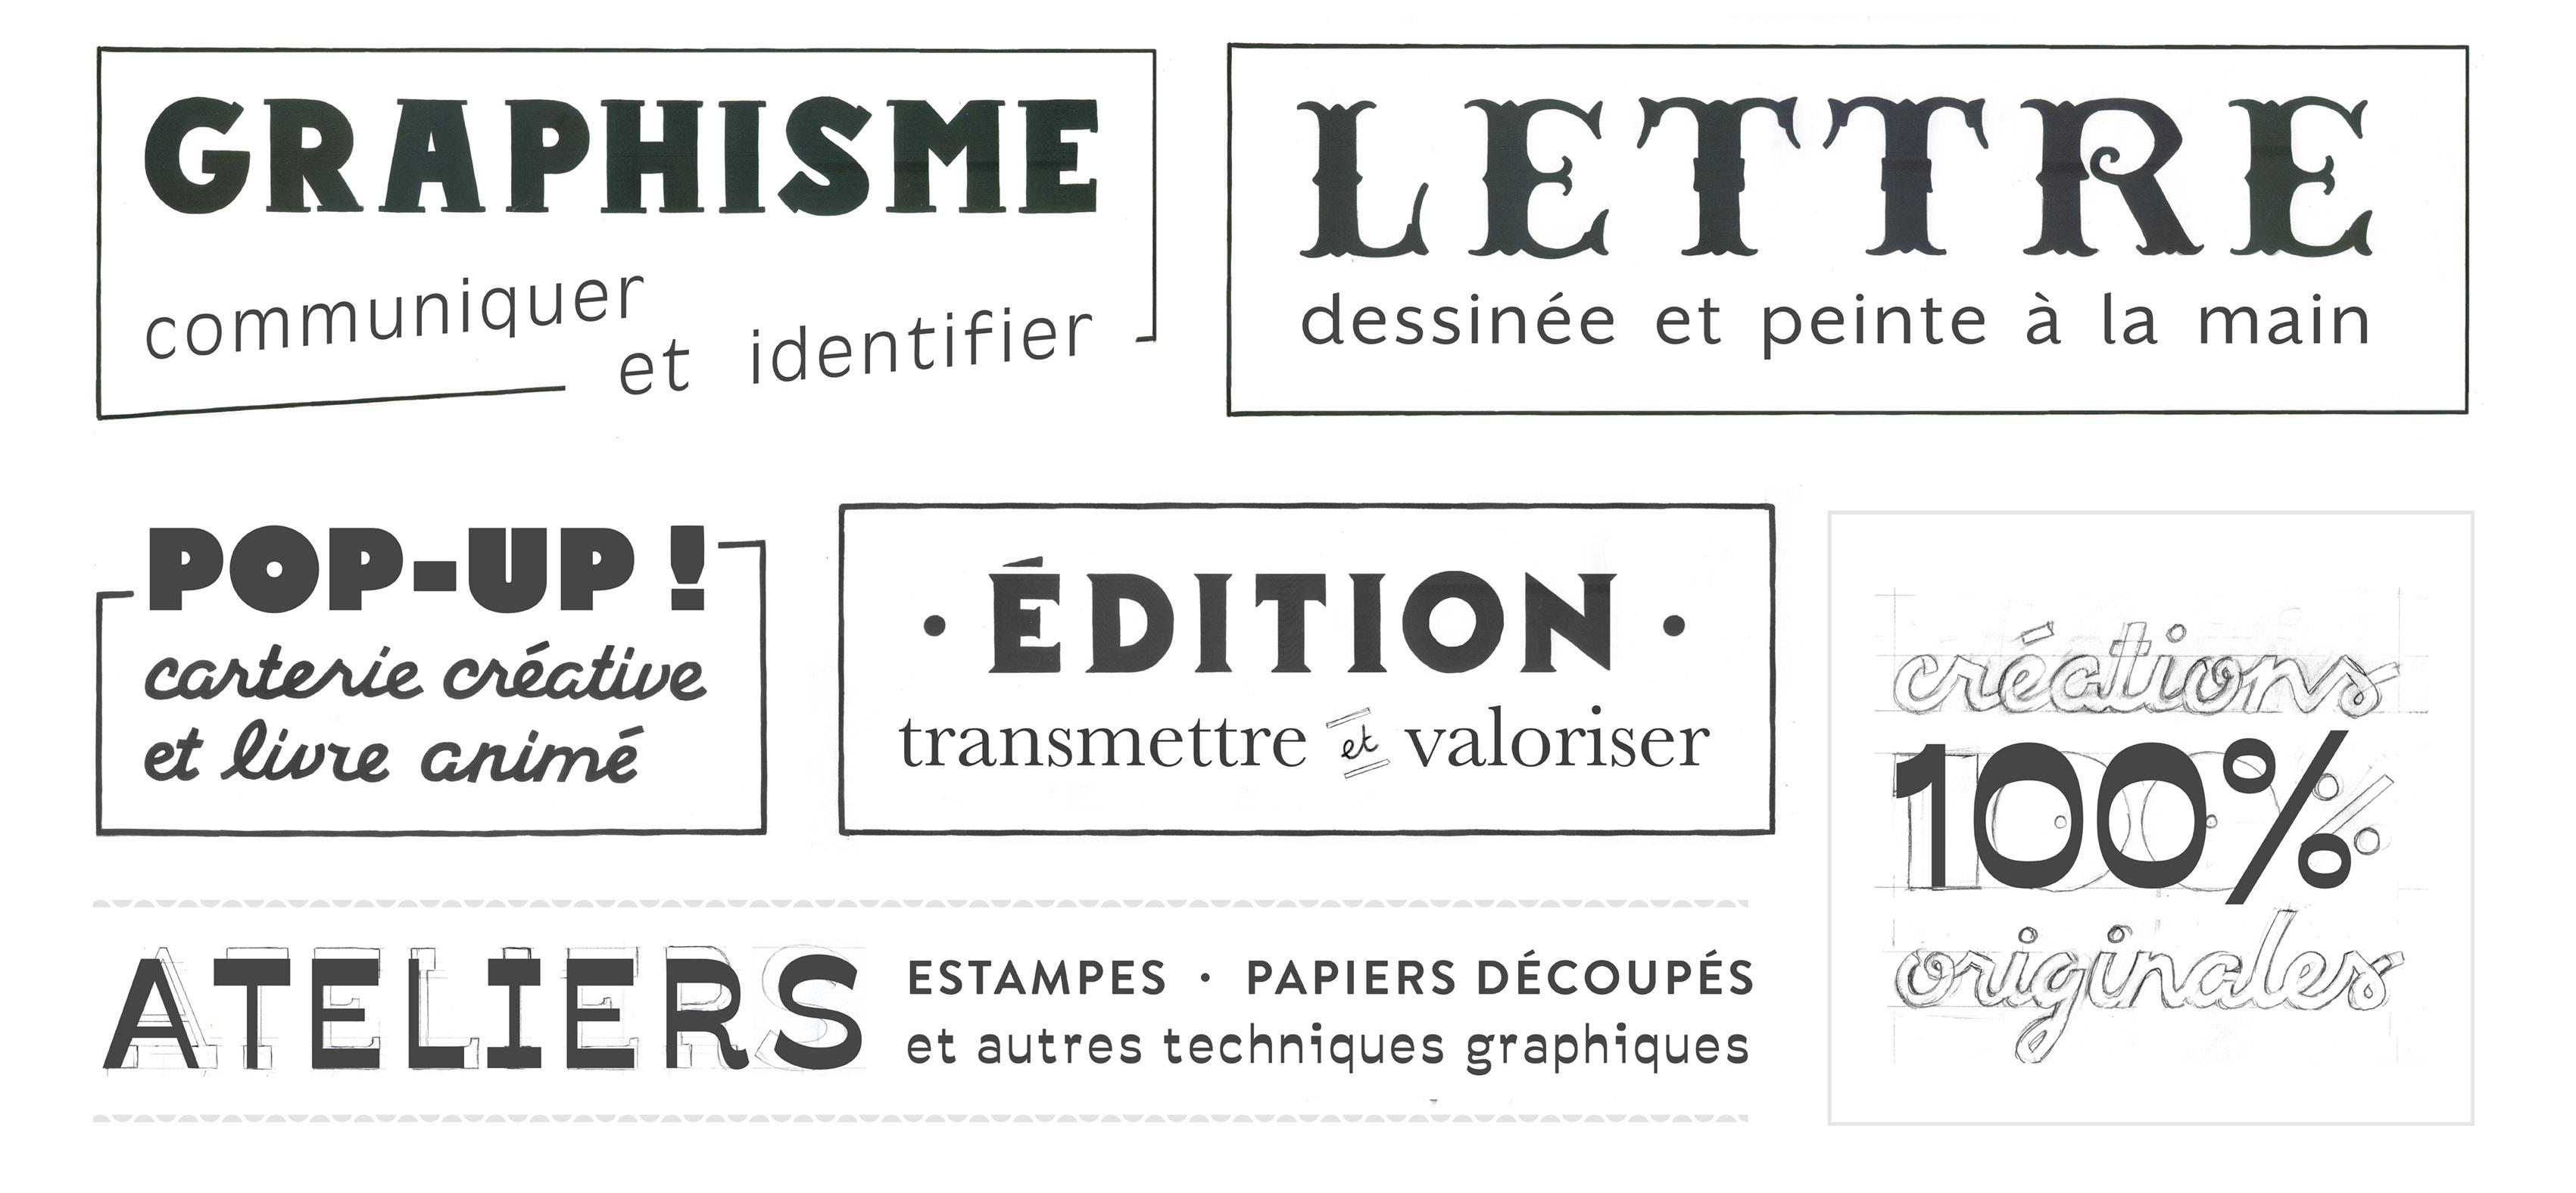 Graphisme Lettres peintes Fanny Walz